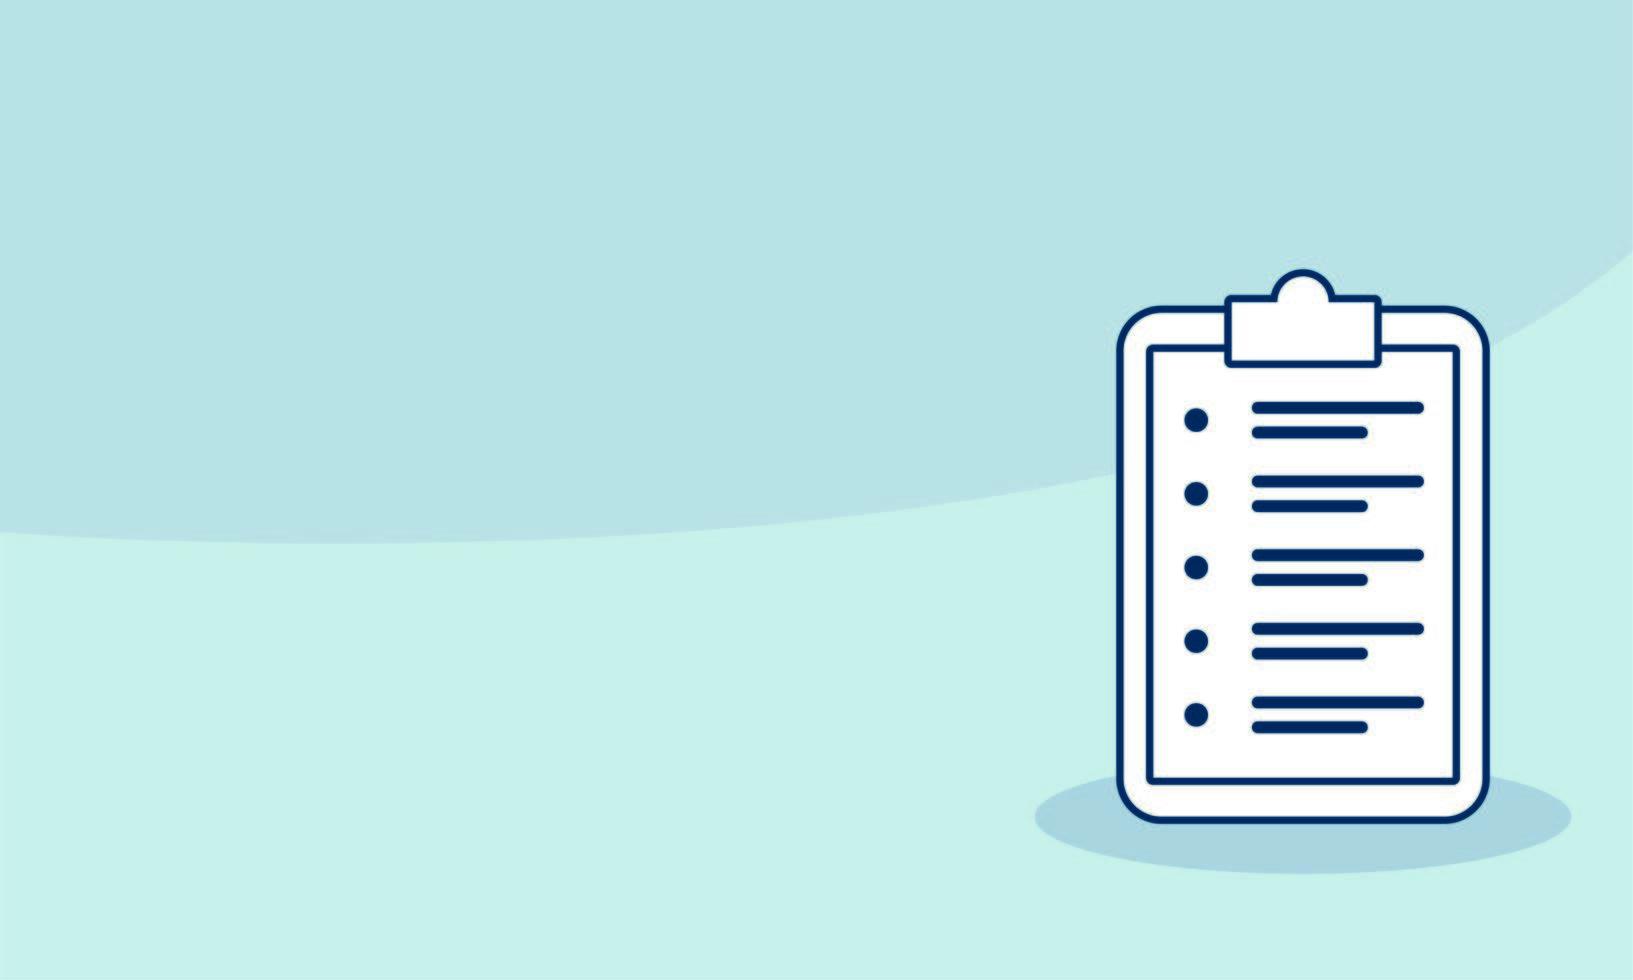 Checkliste Zwischenablage Dokument isoliert Symbol vektor